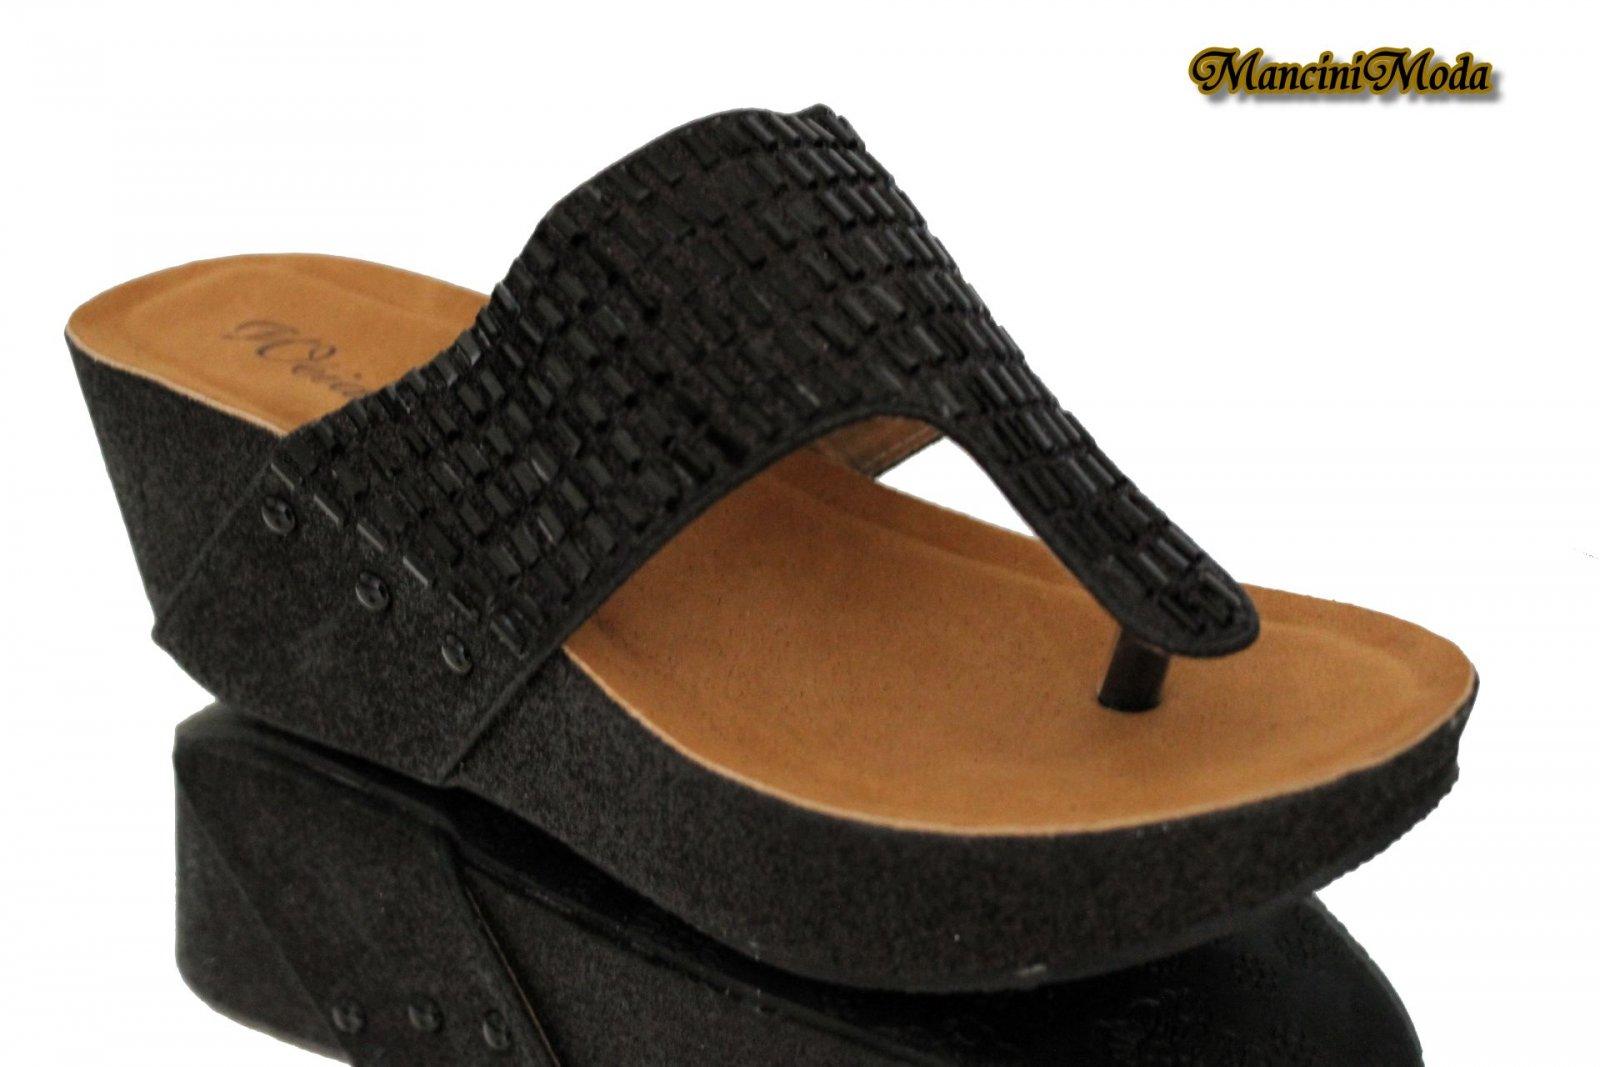 sandalen pantoletten mules keilabsatz zehentrenner plateau wedge 36 39 ebay. Black Bedroom Furniture Sets. Home Design Ideas